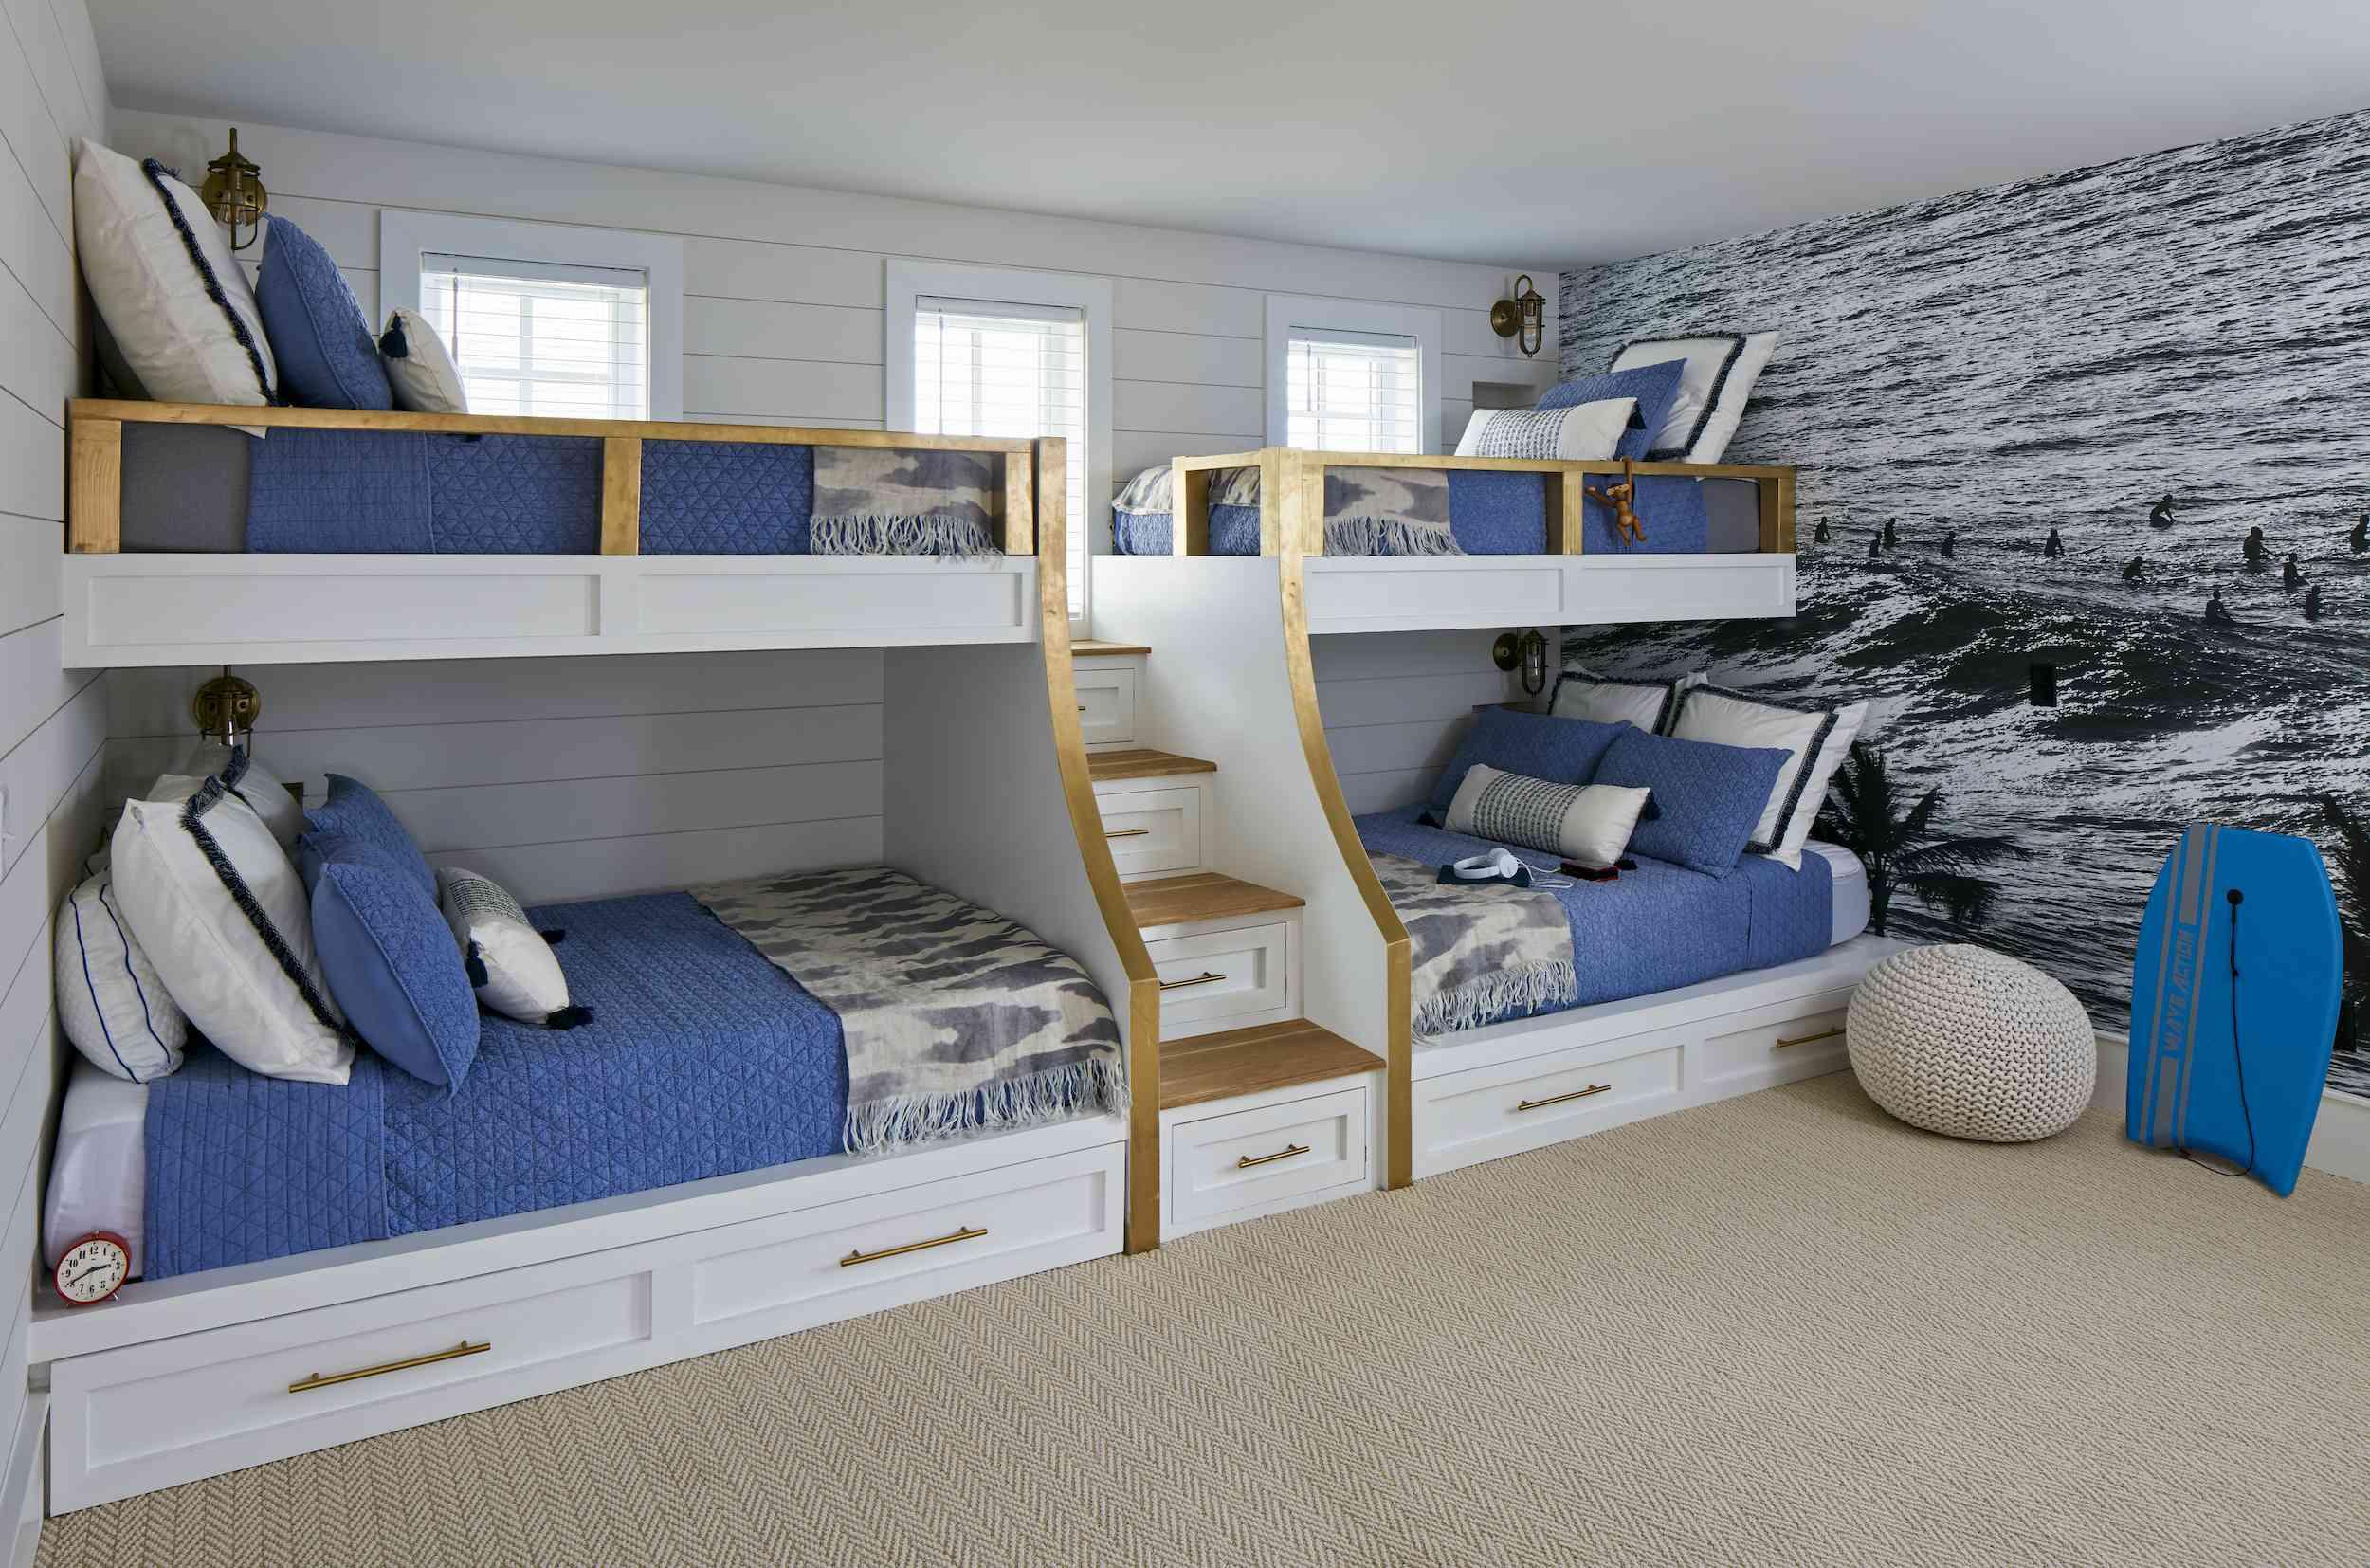 Blue beachy bunk beds